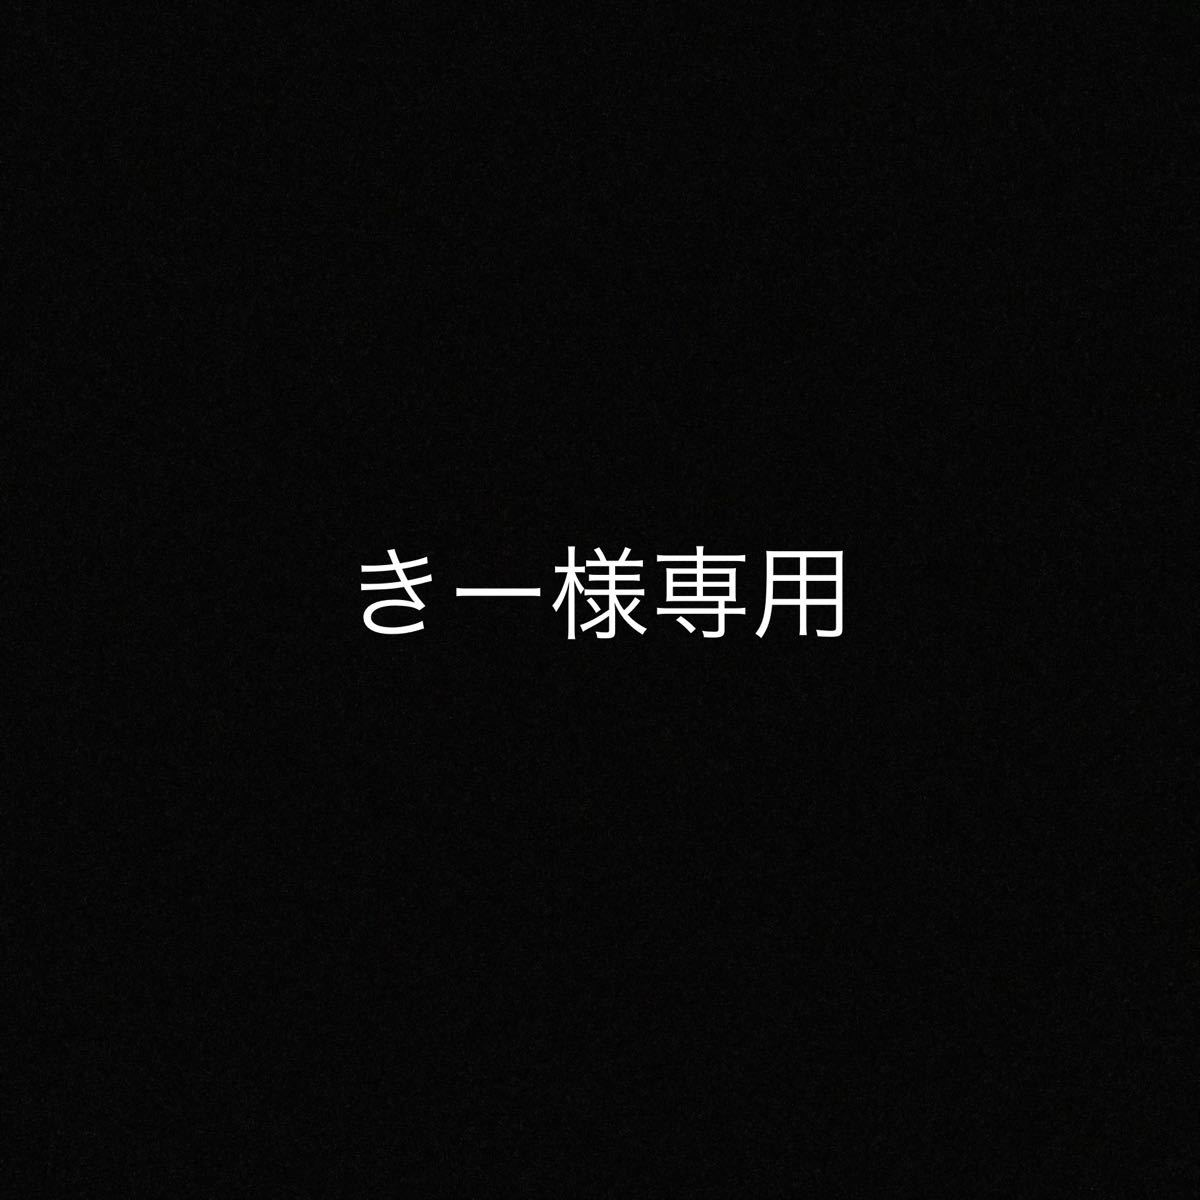 きー様専用 レザーカバーセット 色:黒